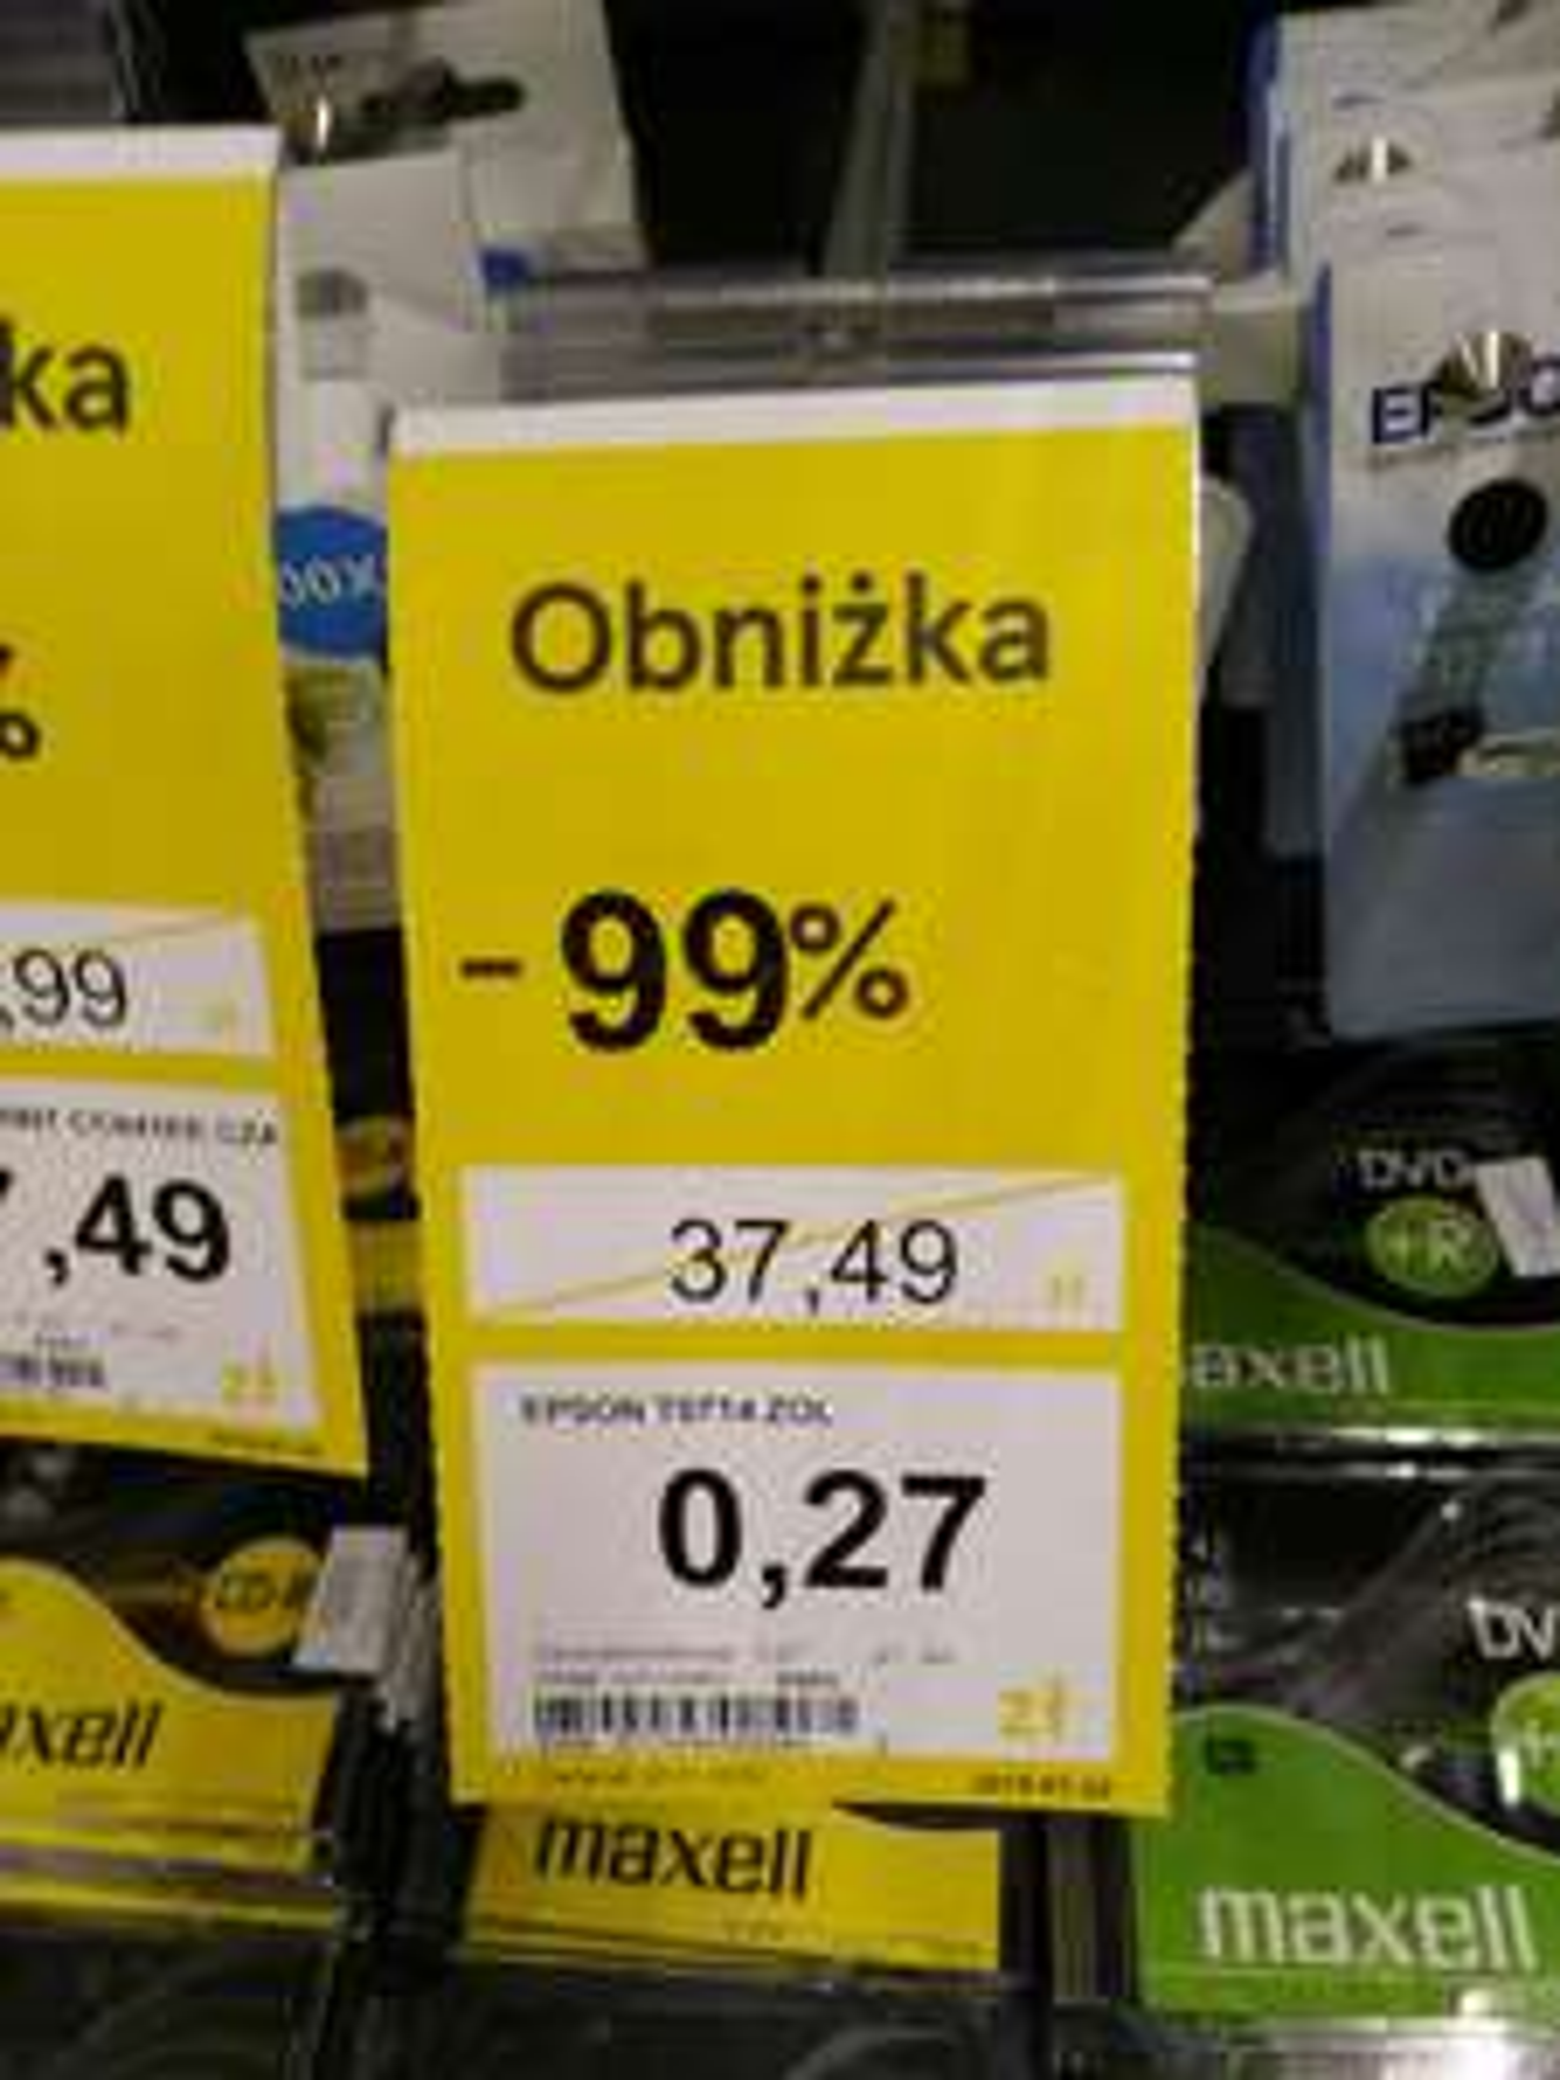 Tusz do drukarki Epson T0714ZOL Wrocław Długa